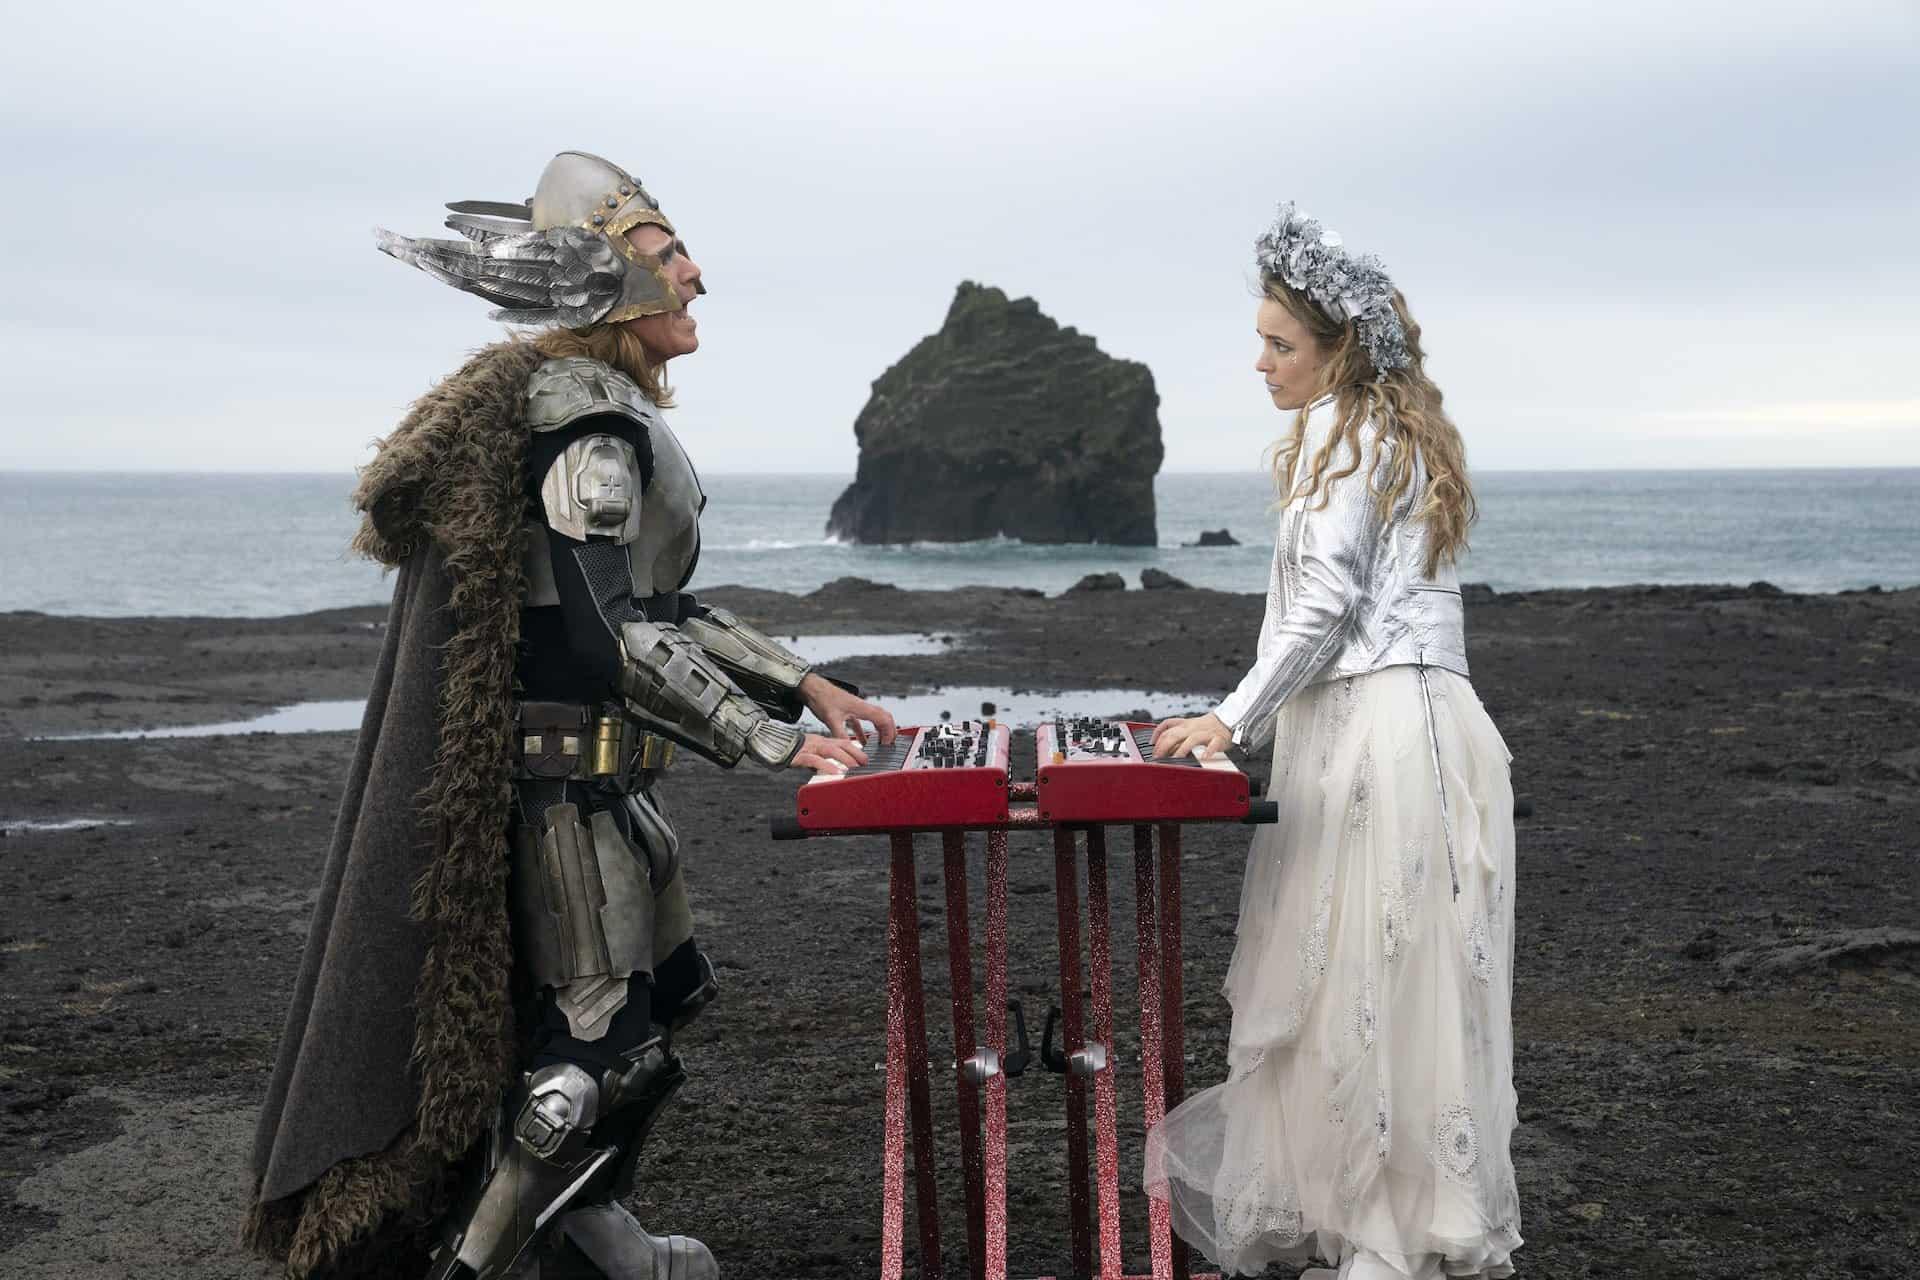 eurovision song contest la storia dei fire saga recensione